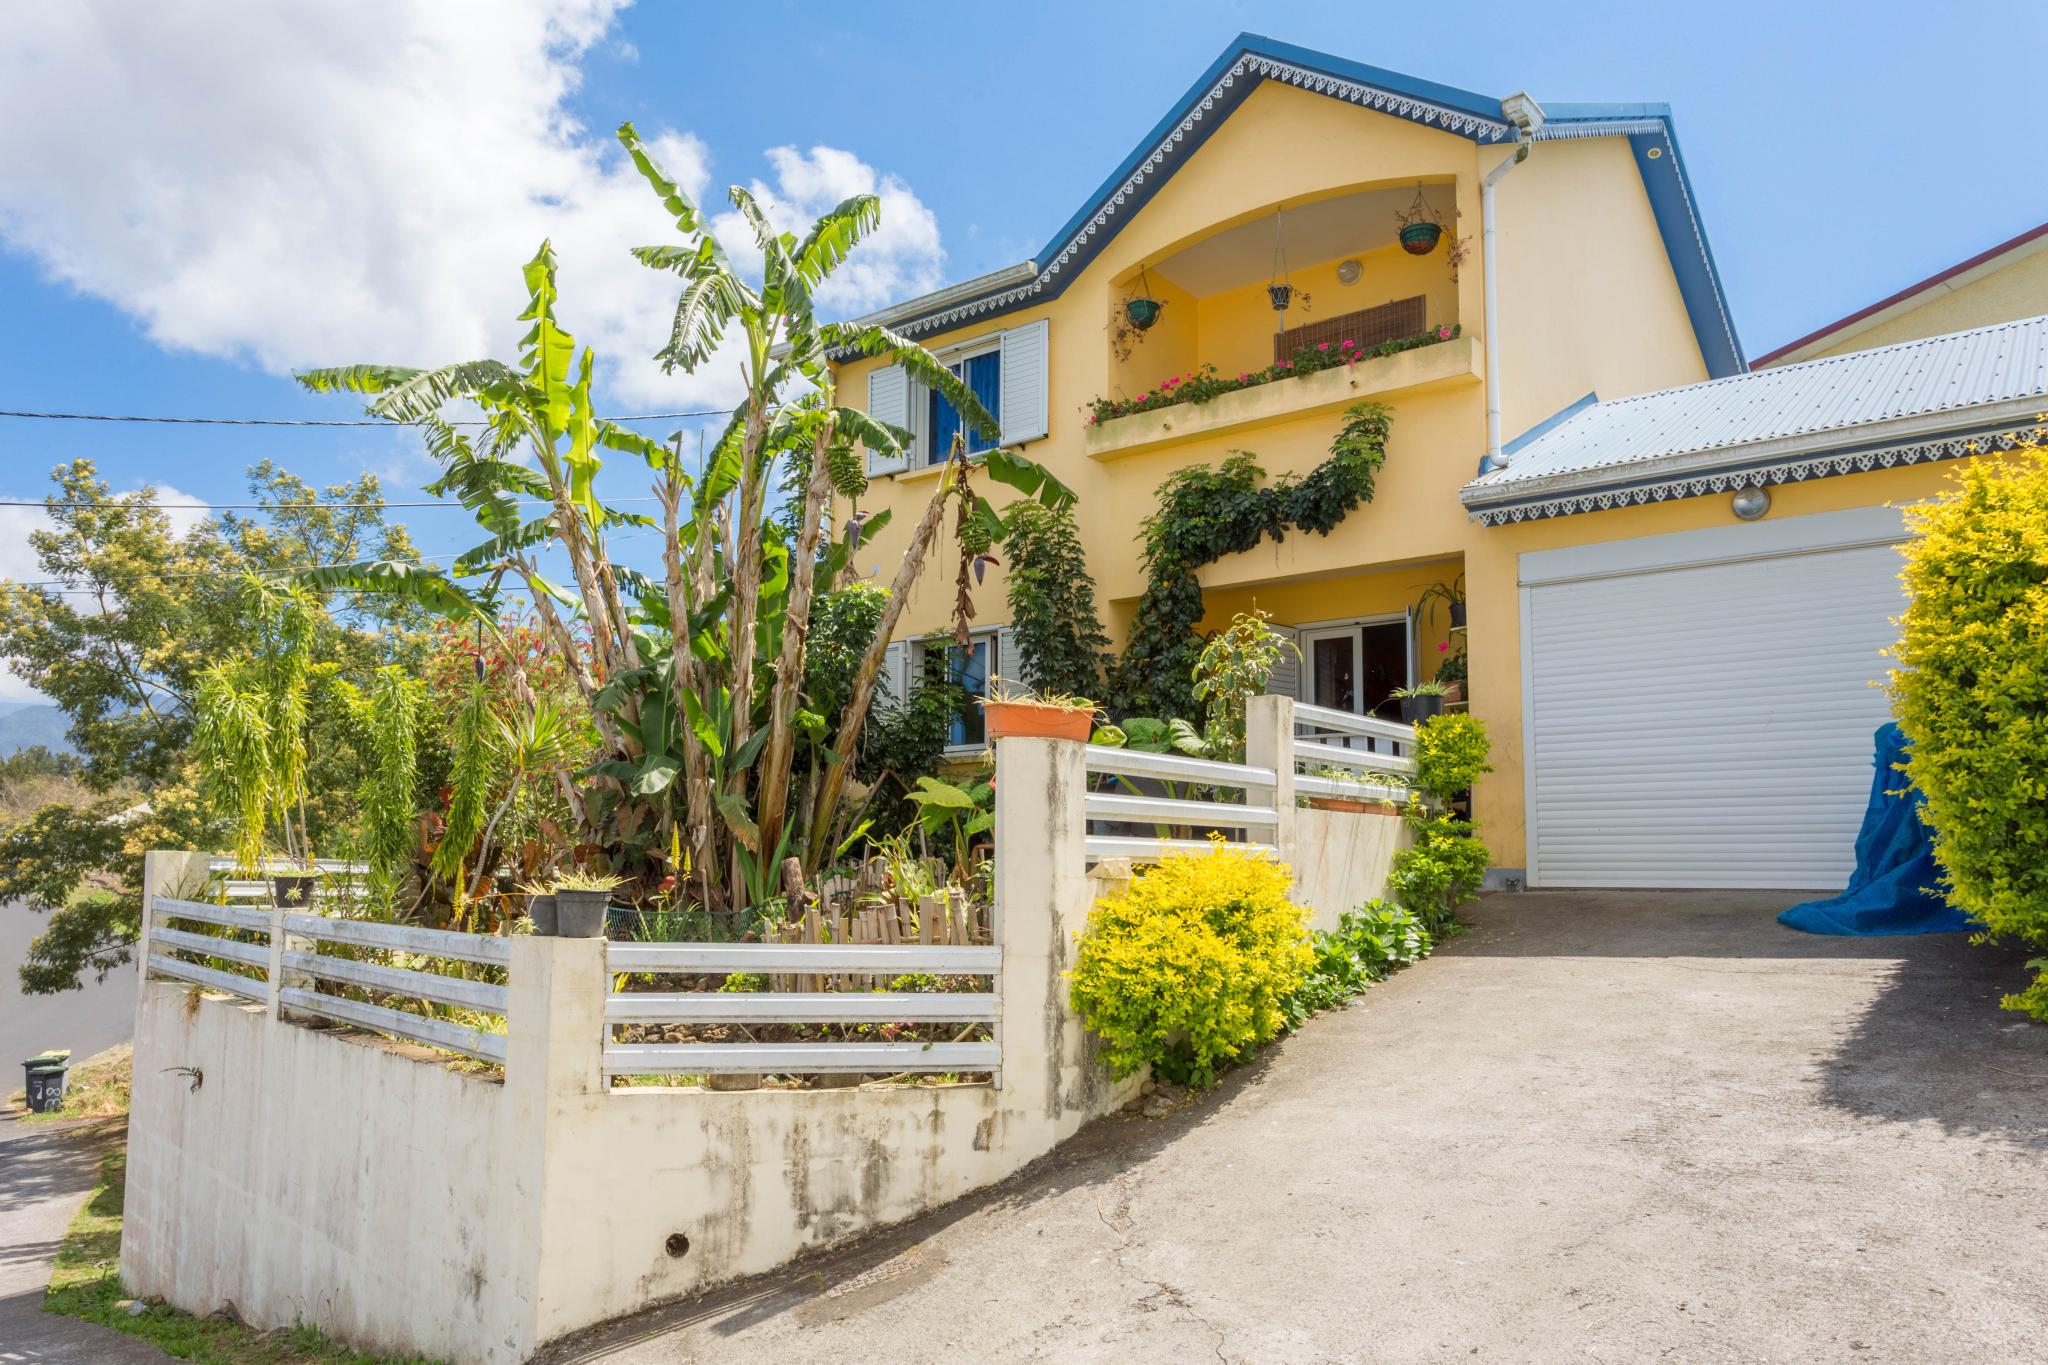 achat maison recente achat maison tampon 97430 r union sud r f 104865 293